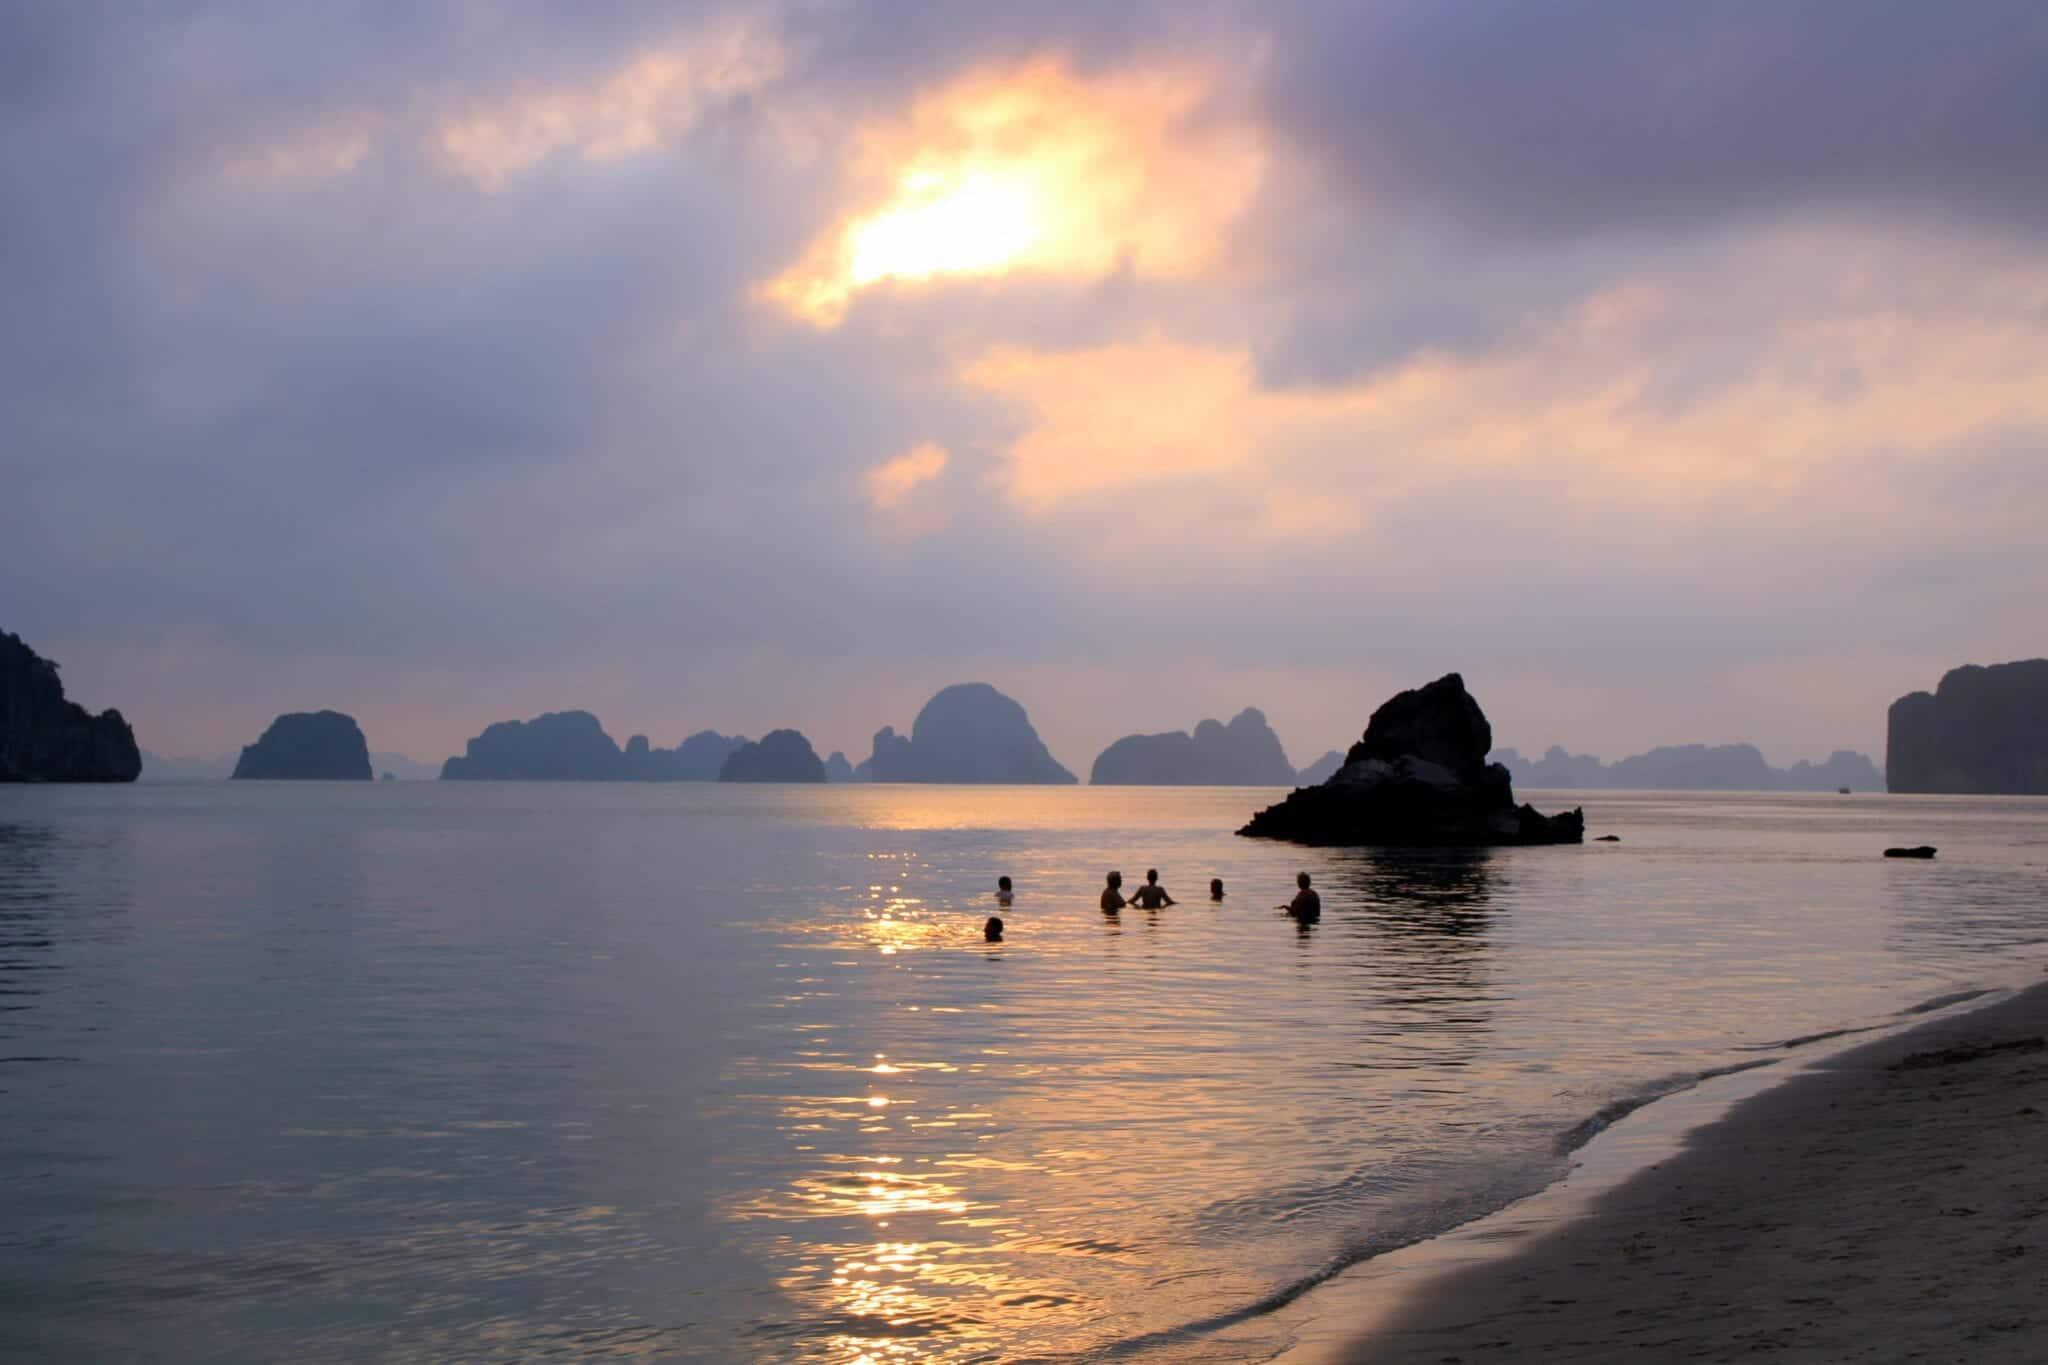 Sunset at Bai Tu Long National Park Vietnam